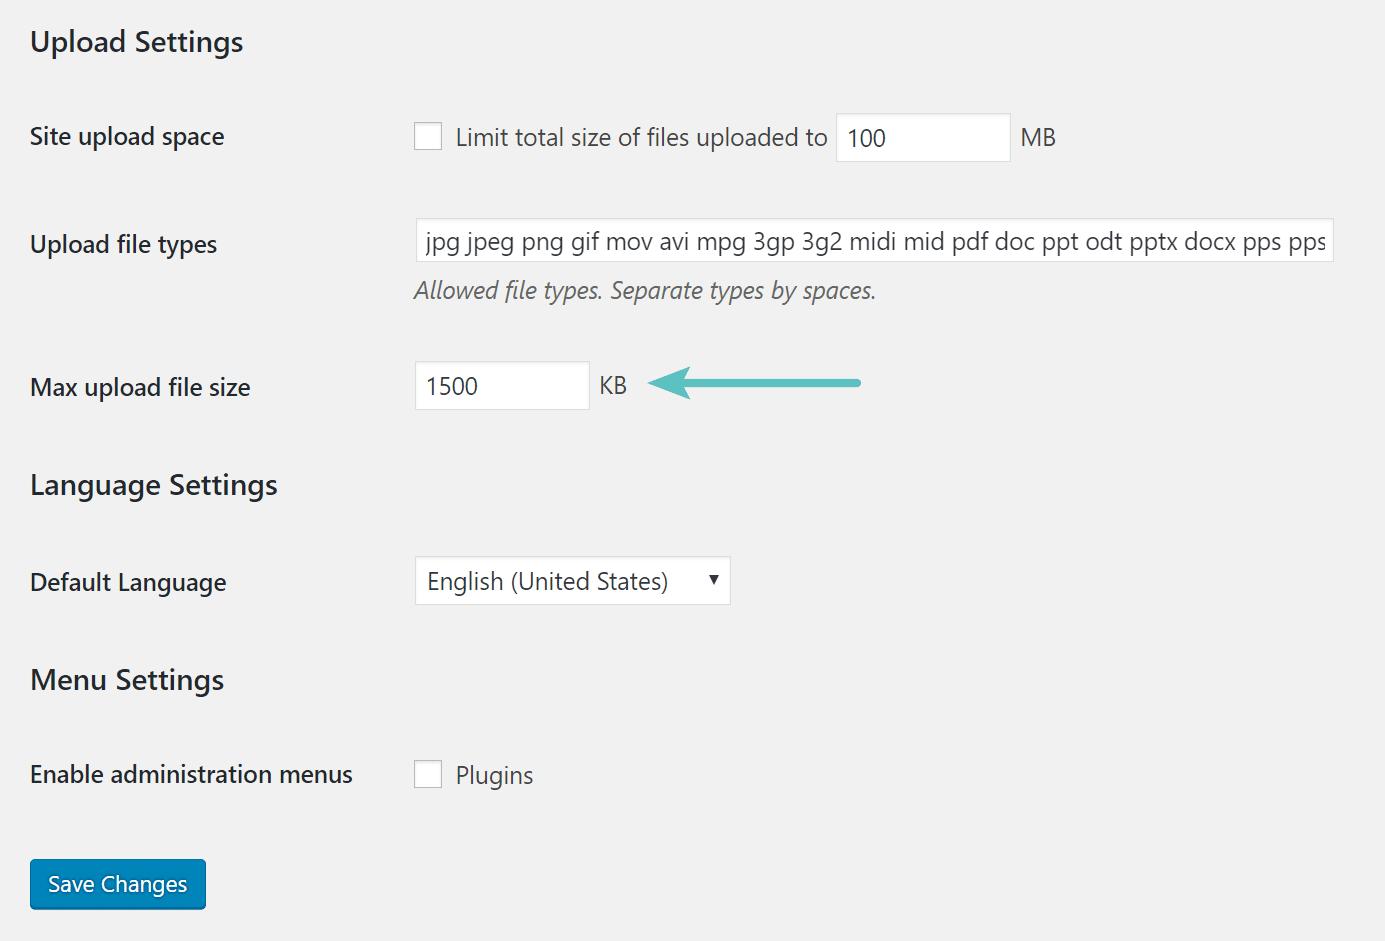 Changer la taille maximale d'envoi de fichier dans un Multisite